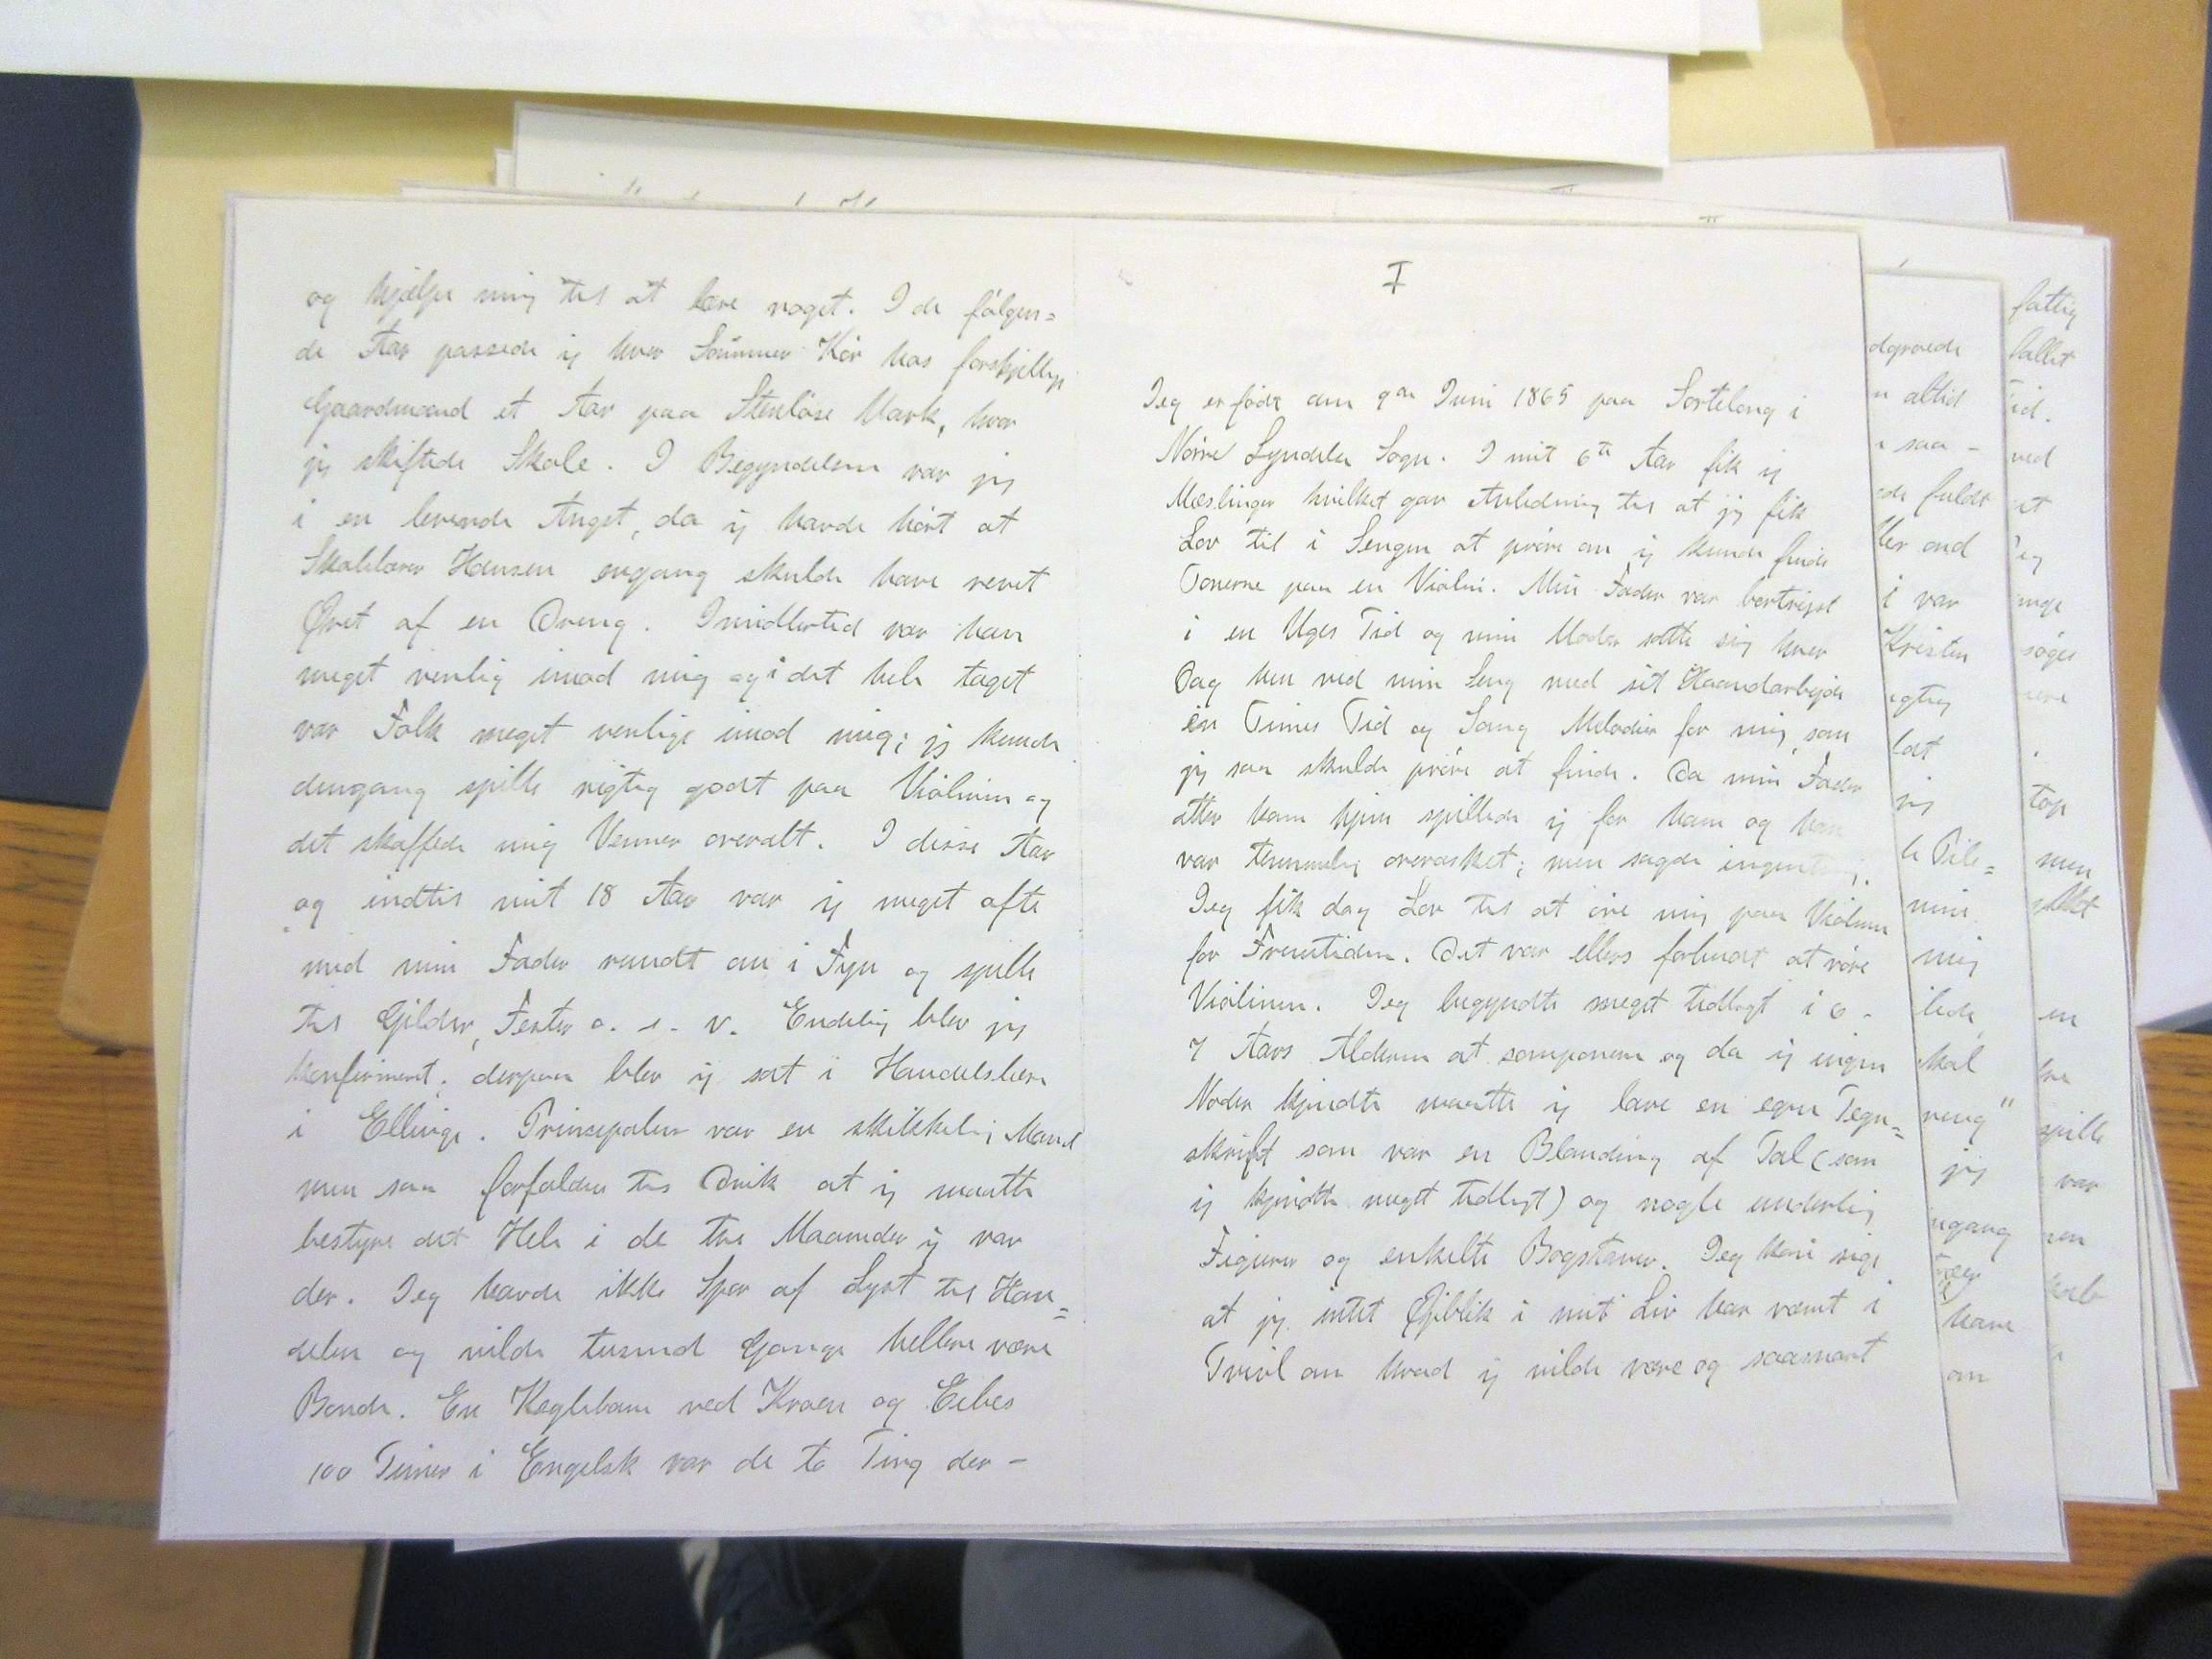 Carl Nielsen fortæller om sine første leveår til Klaus Berntsen, om hvordan han lærte violinspil og begyndte at komponere